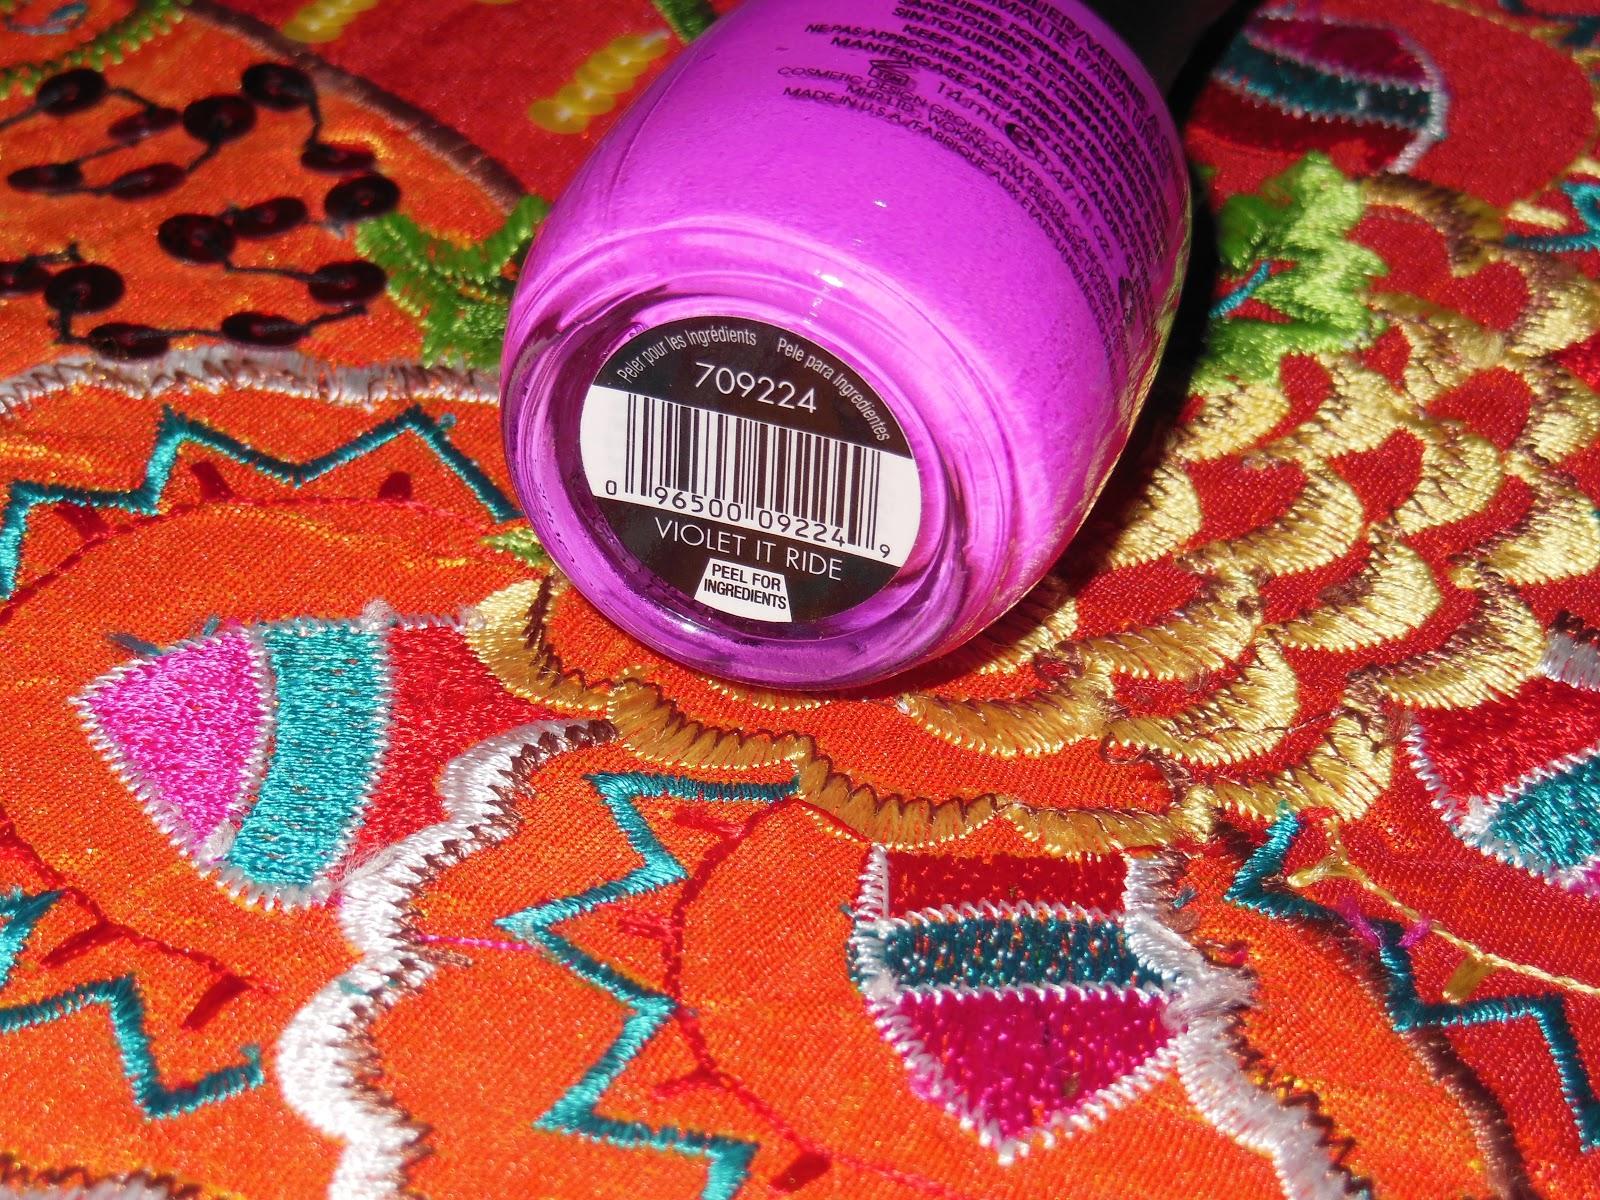 glambunctious!: REVIEW!   Nina Ultra Pro Nail Polish in Violet It Ride